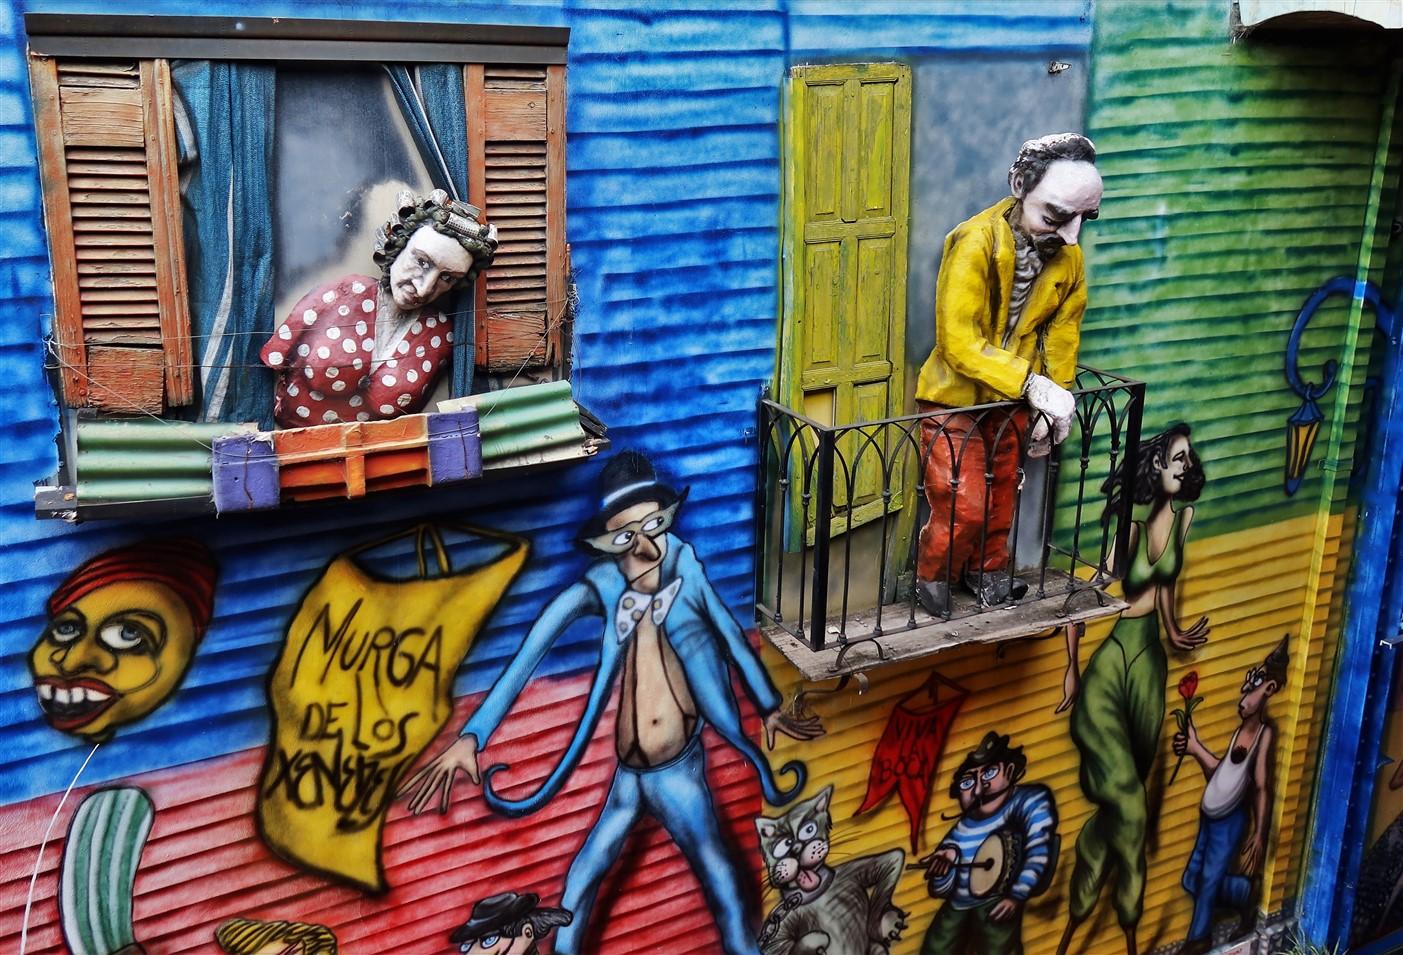 2020 03 08 157 Buenos Aires  La Boca.jpg